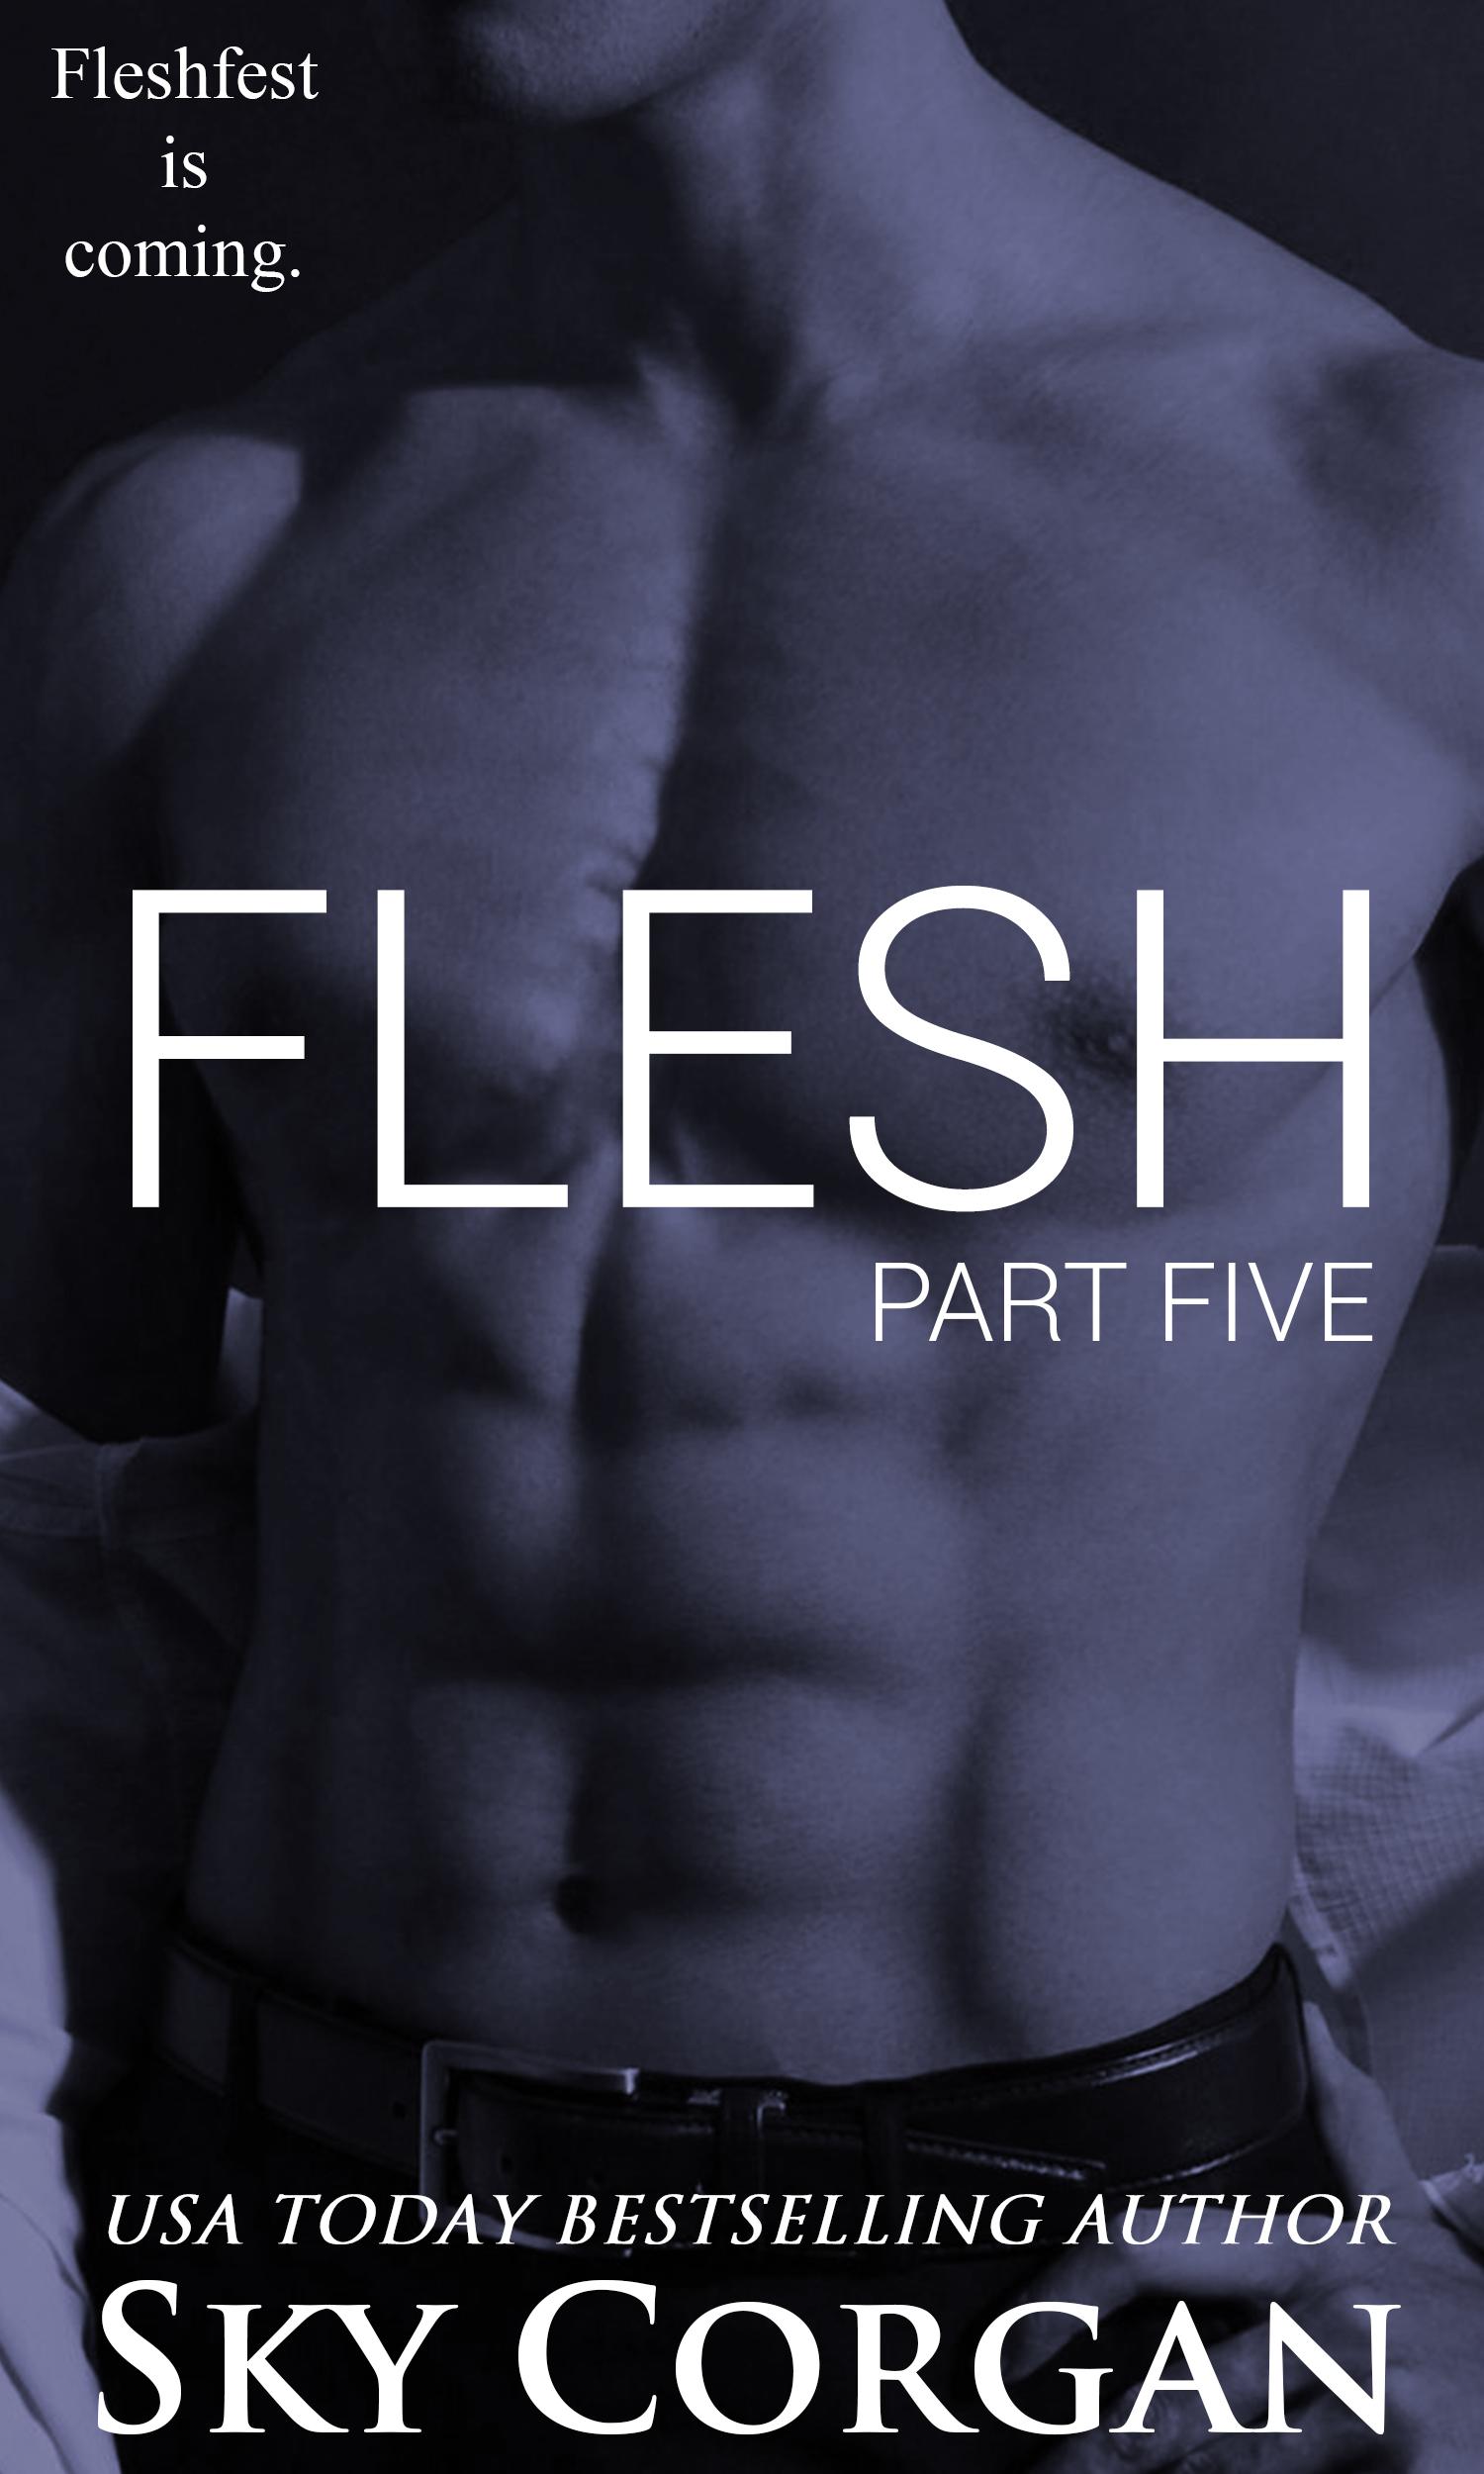 Flesh: part five